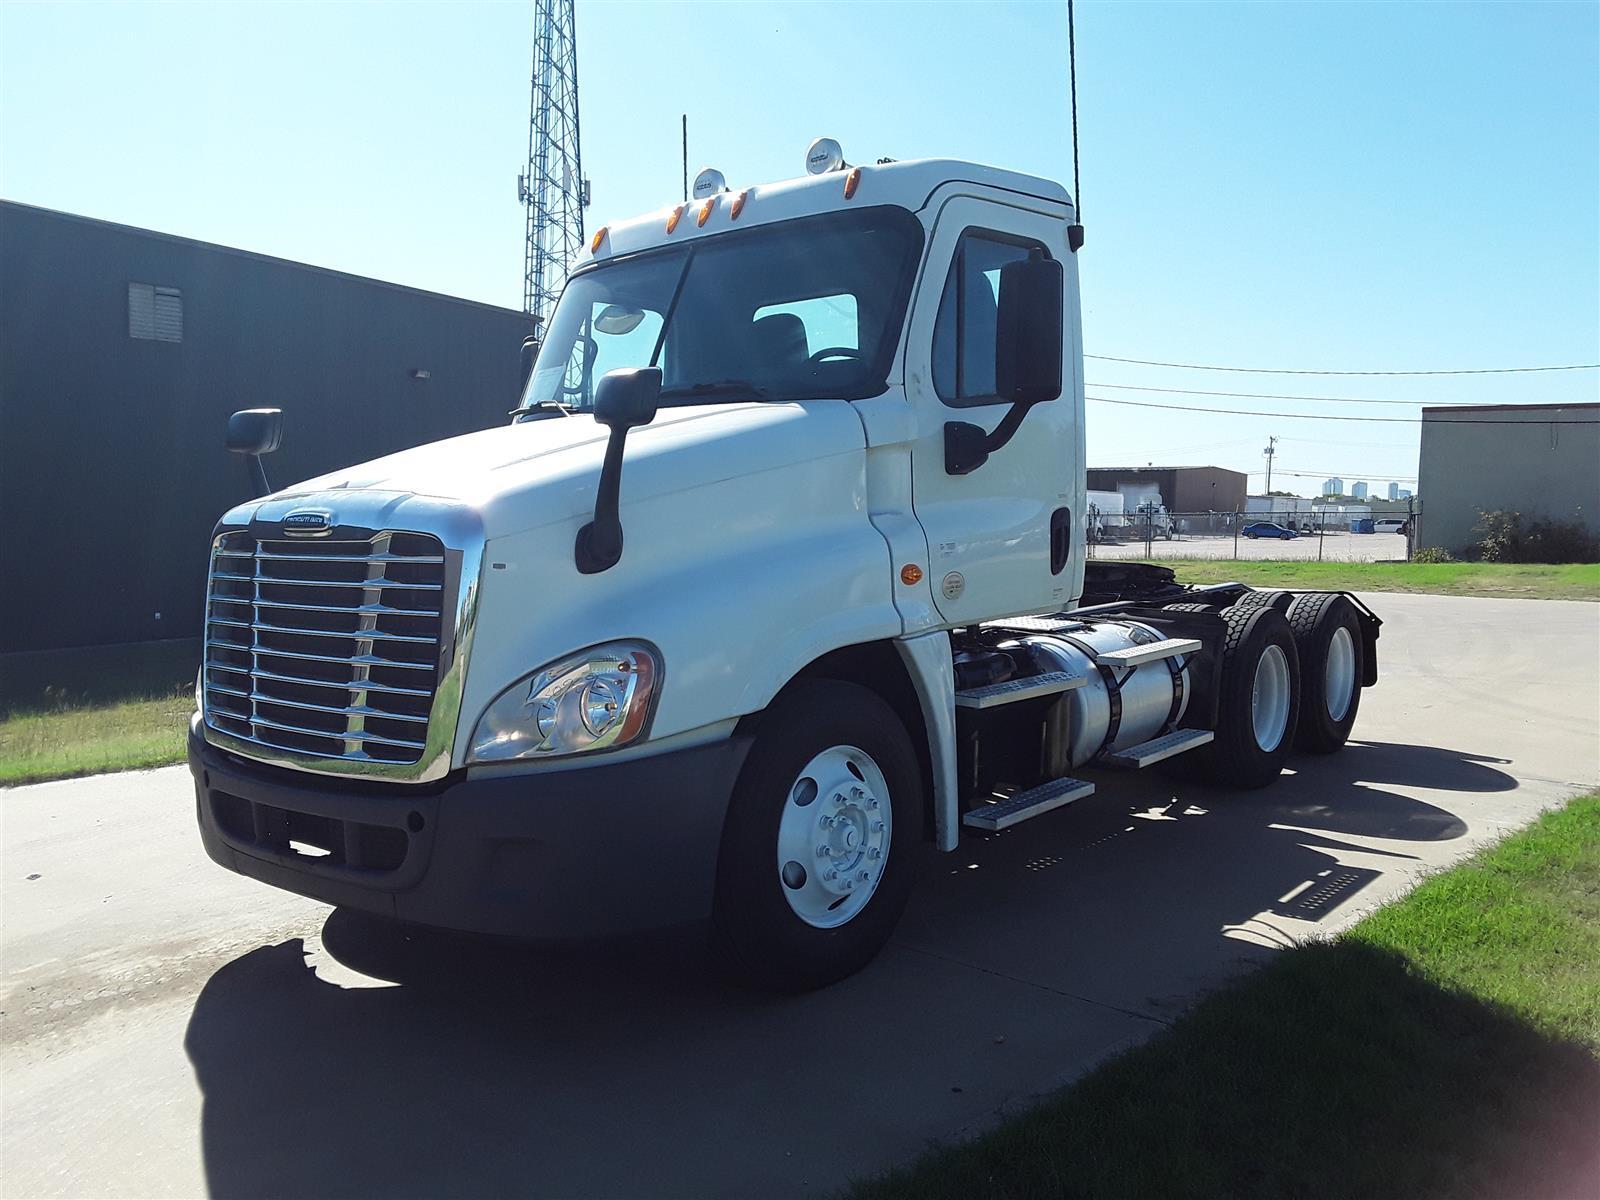 2014 Freightliner Truck 6x4, Tractor #530989 - photo 1